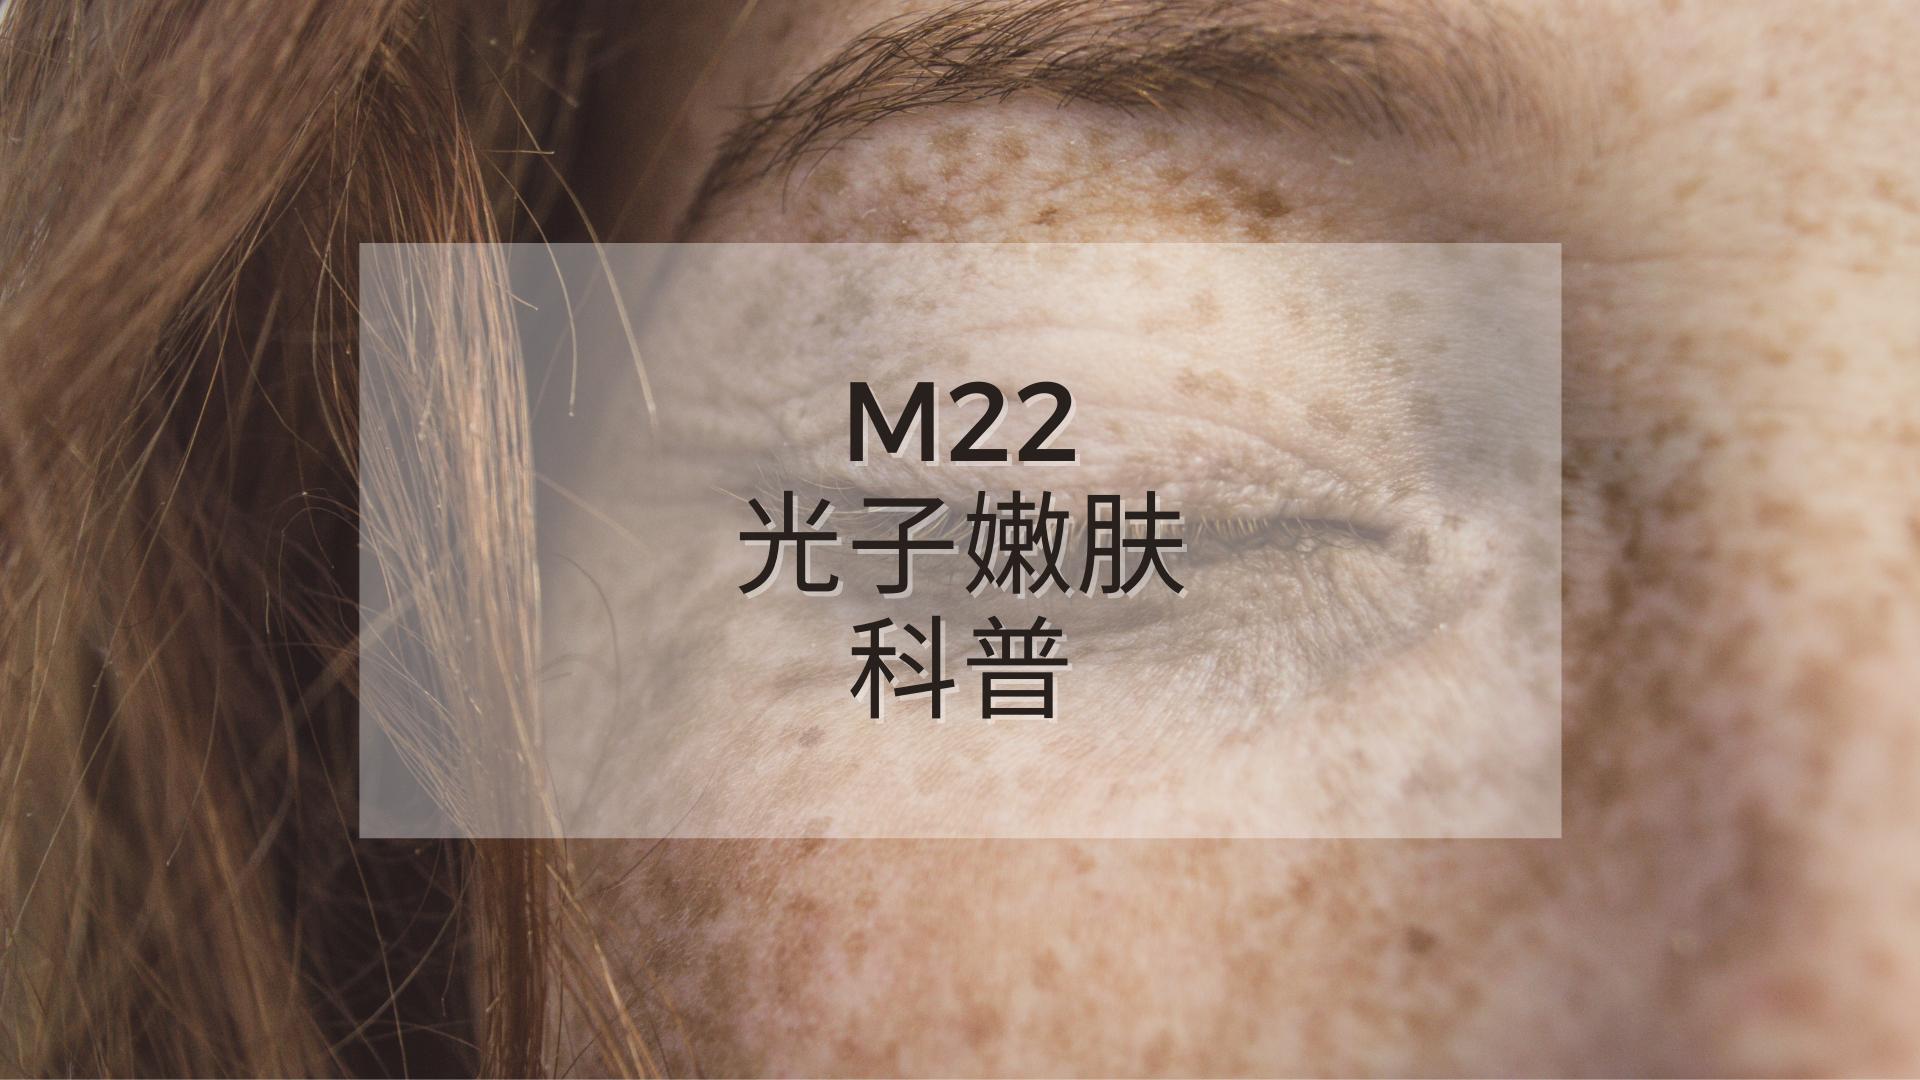 M22光子嫩肤科普